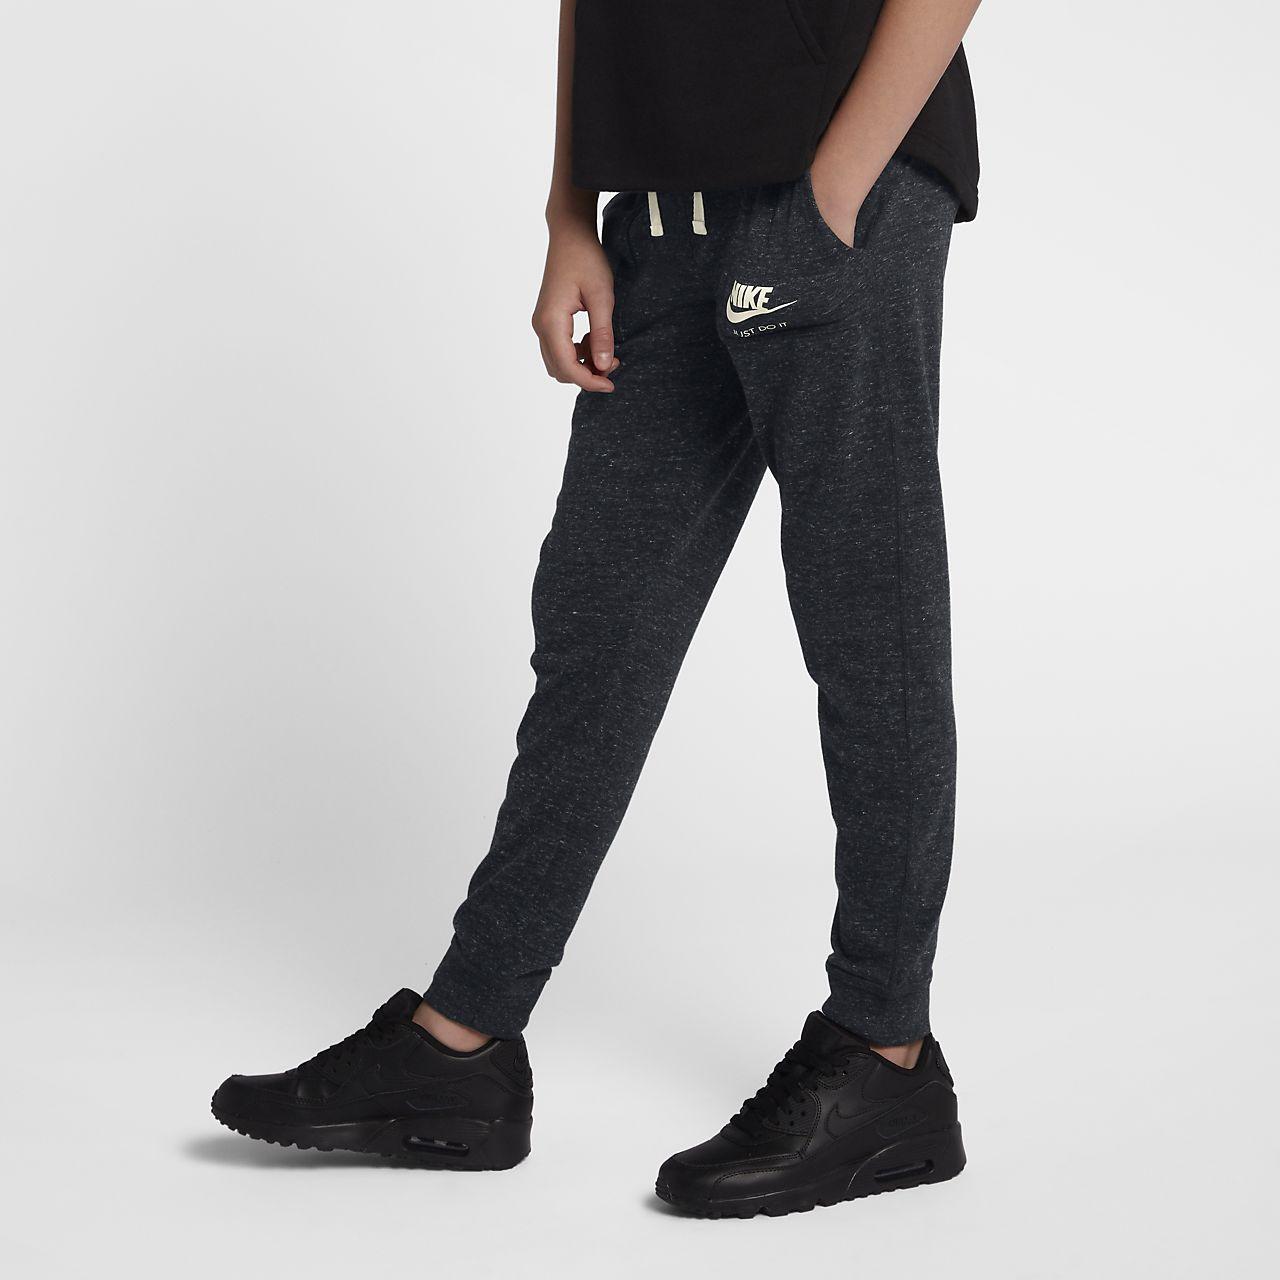 sale retailer 4251b 21b9b ... Nike Sportswear Vintage bukser for store barn (jente)